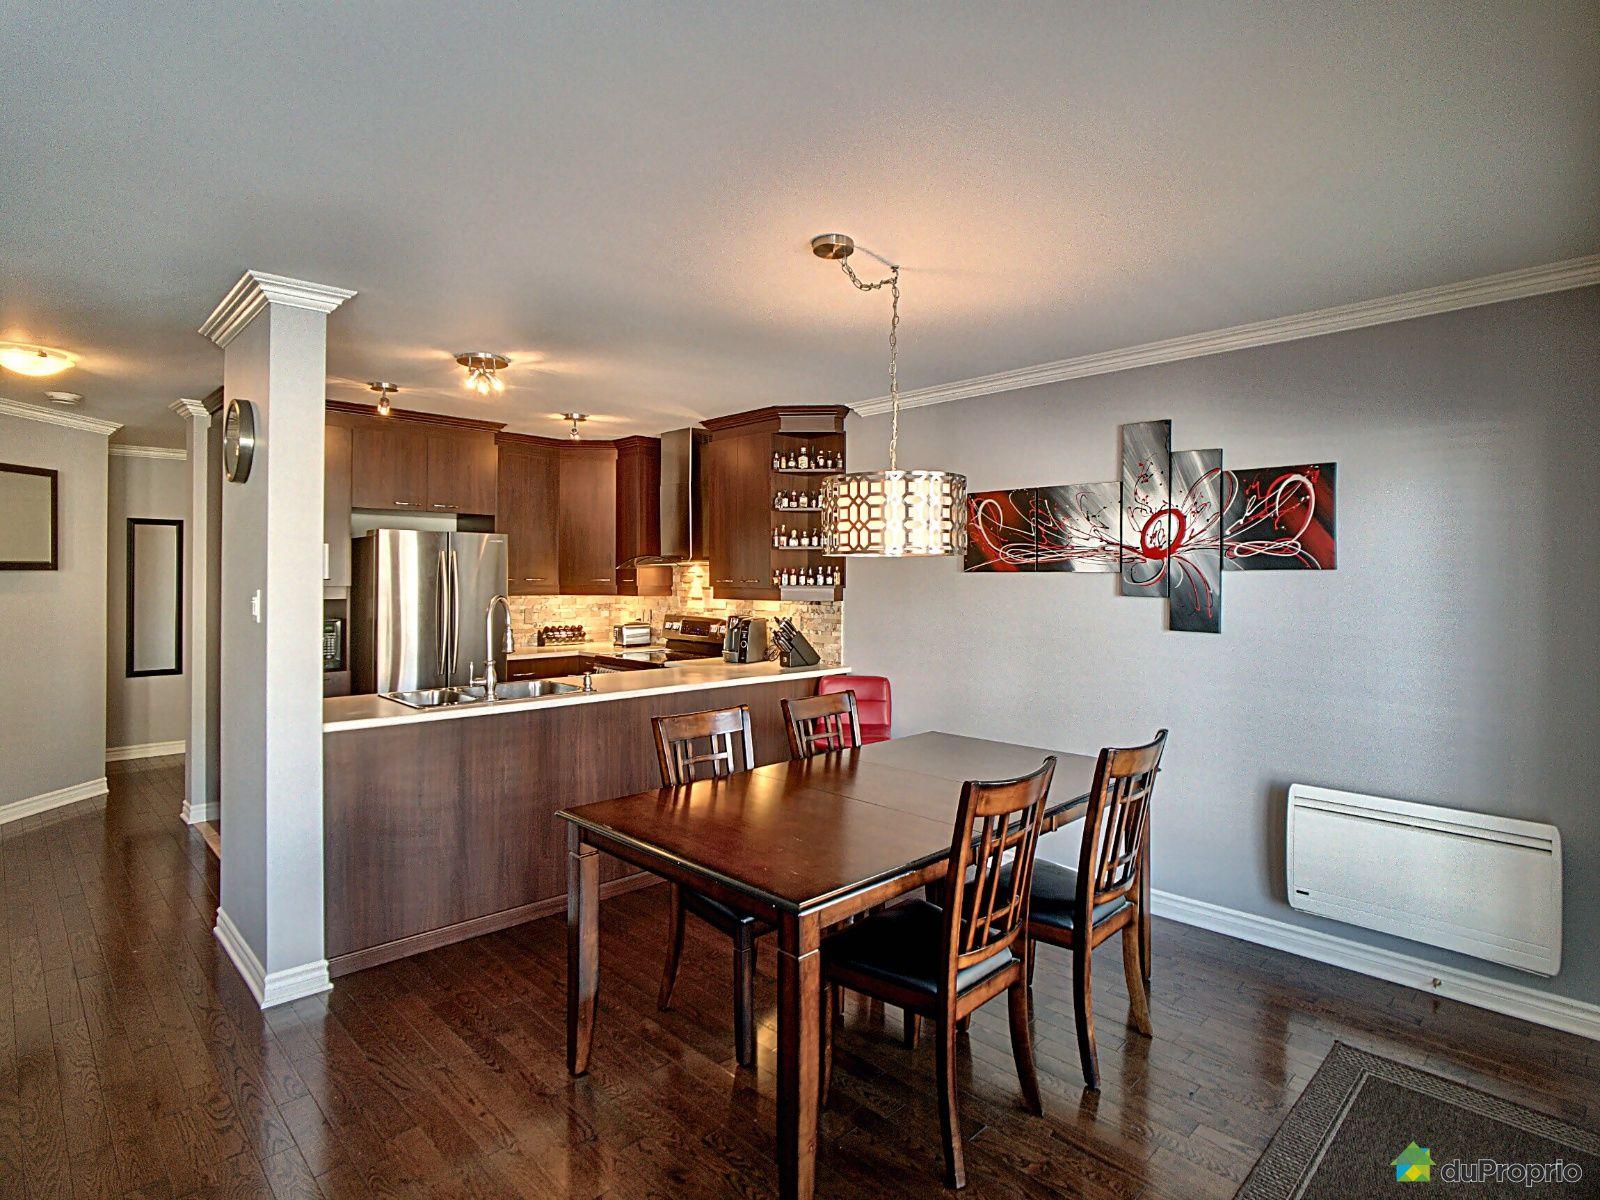 Dining Room - 1-15856 rue Victoria, Pointe-Aux-Trembles / Montréal-Est for sale